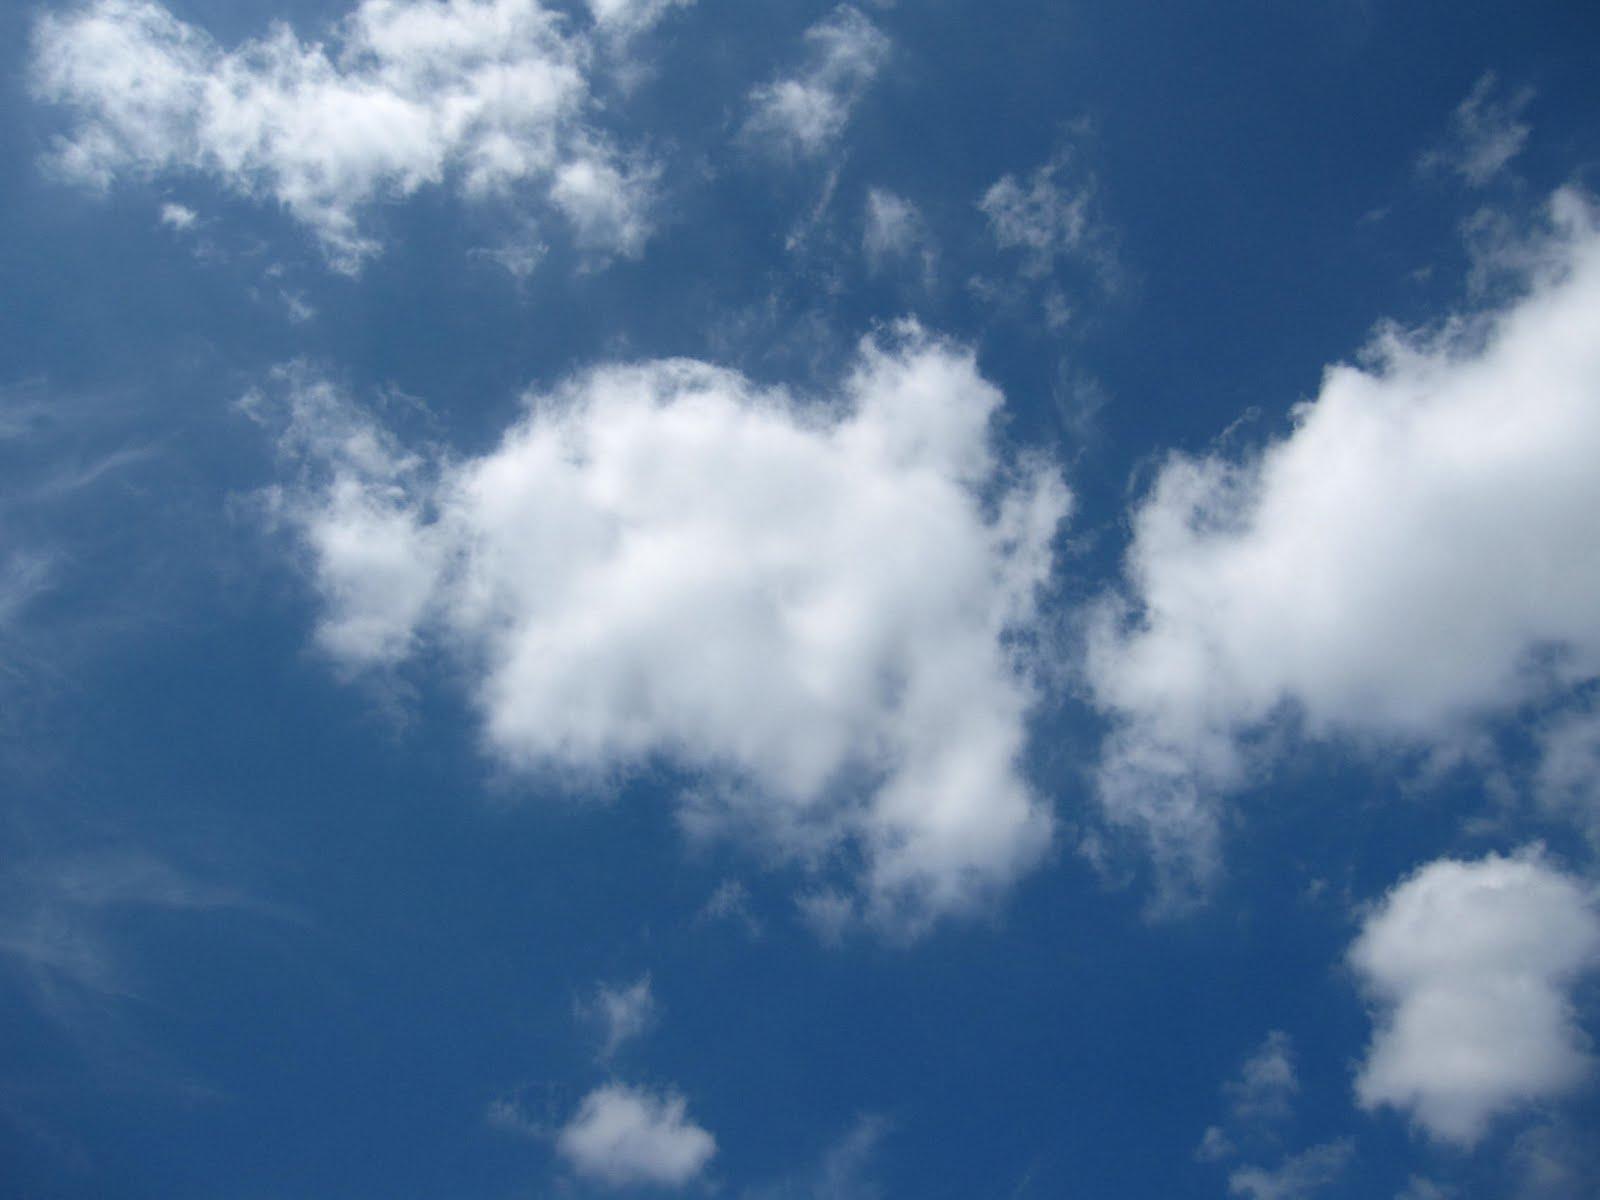 雲一つない青空もきれいだけれど、雲で模様付けされた空もとても楽しくて好... 絵本~雲のてんらん